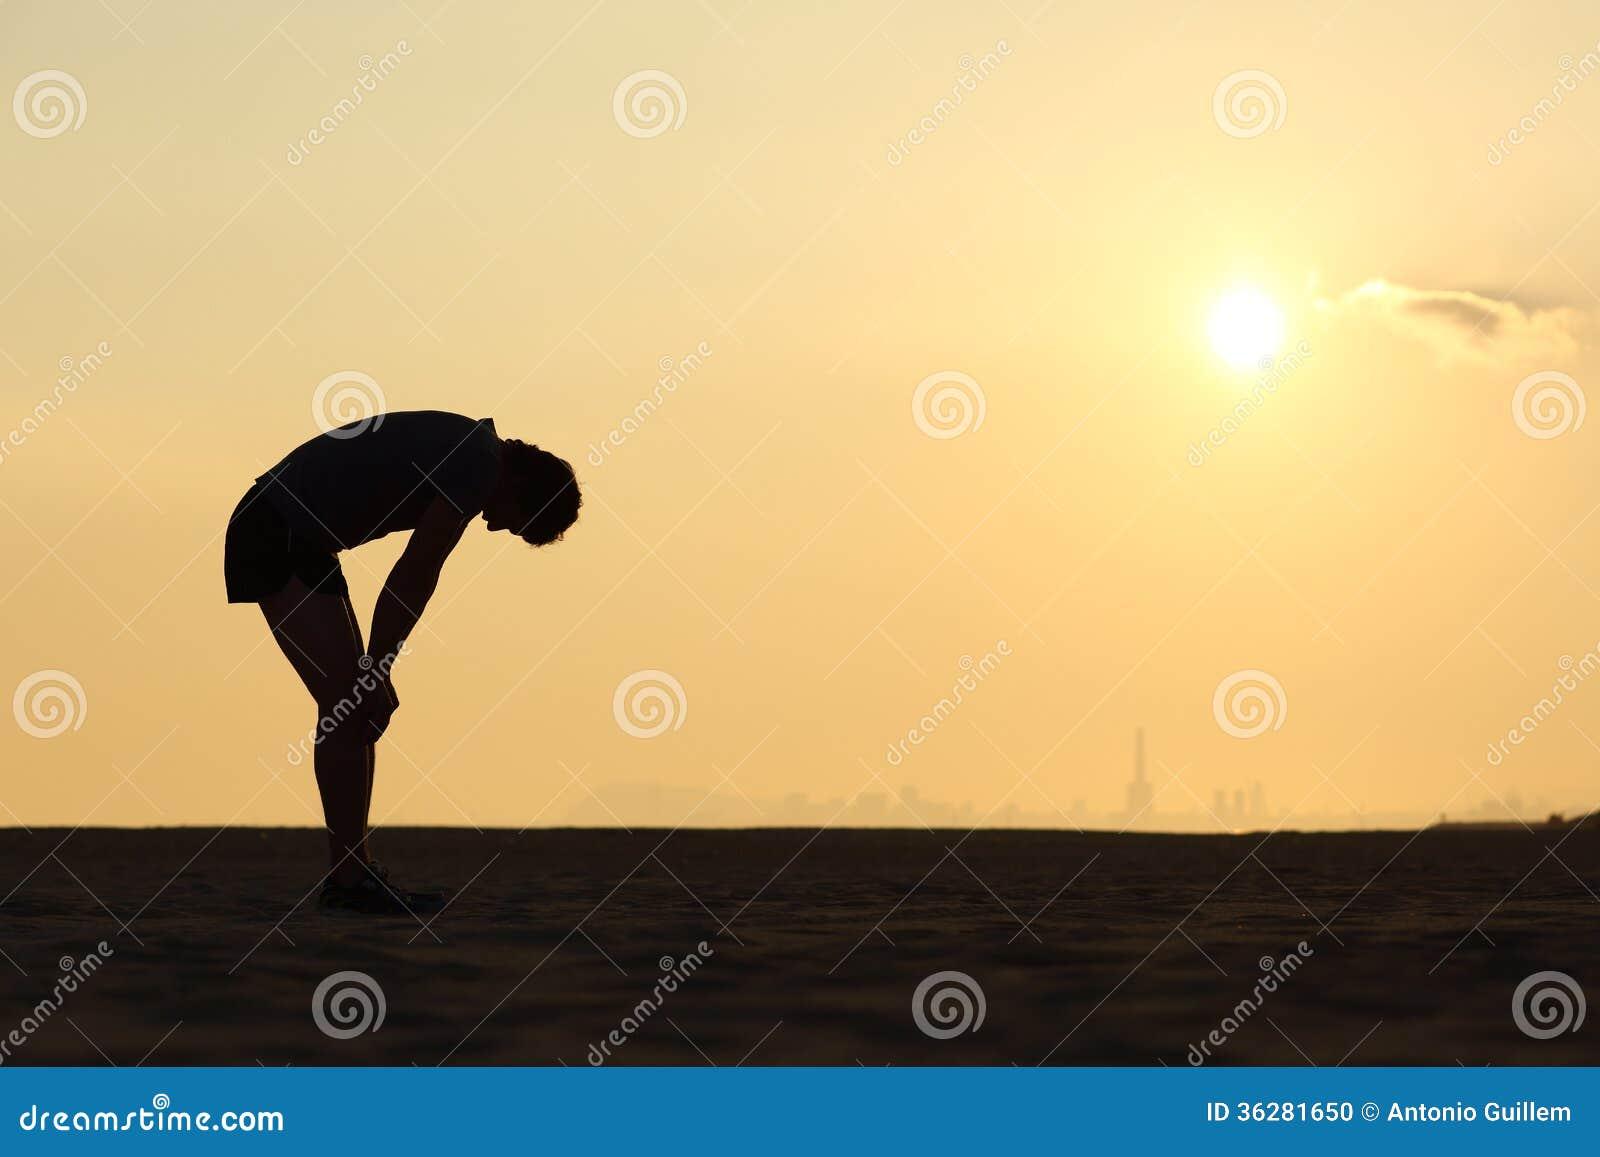 Kontur av en utmattad idrottsman på solnedgången